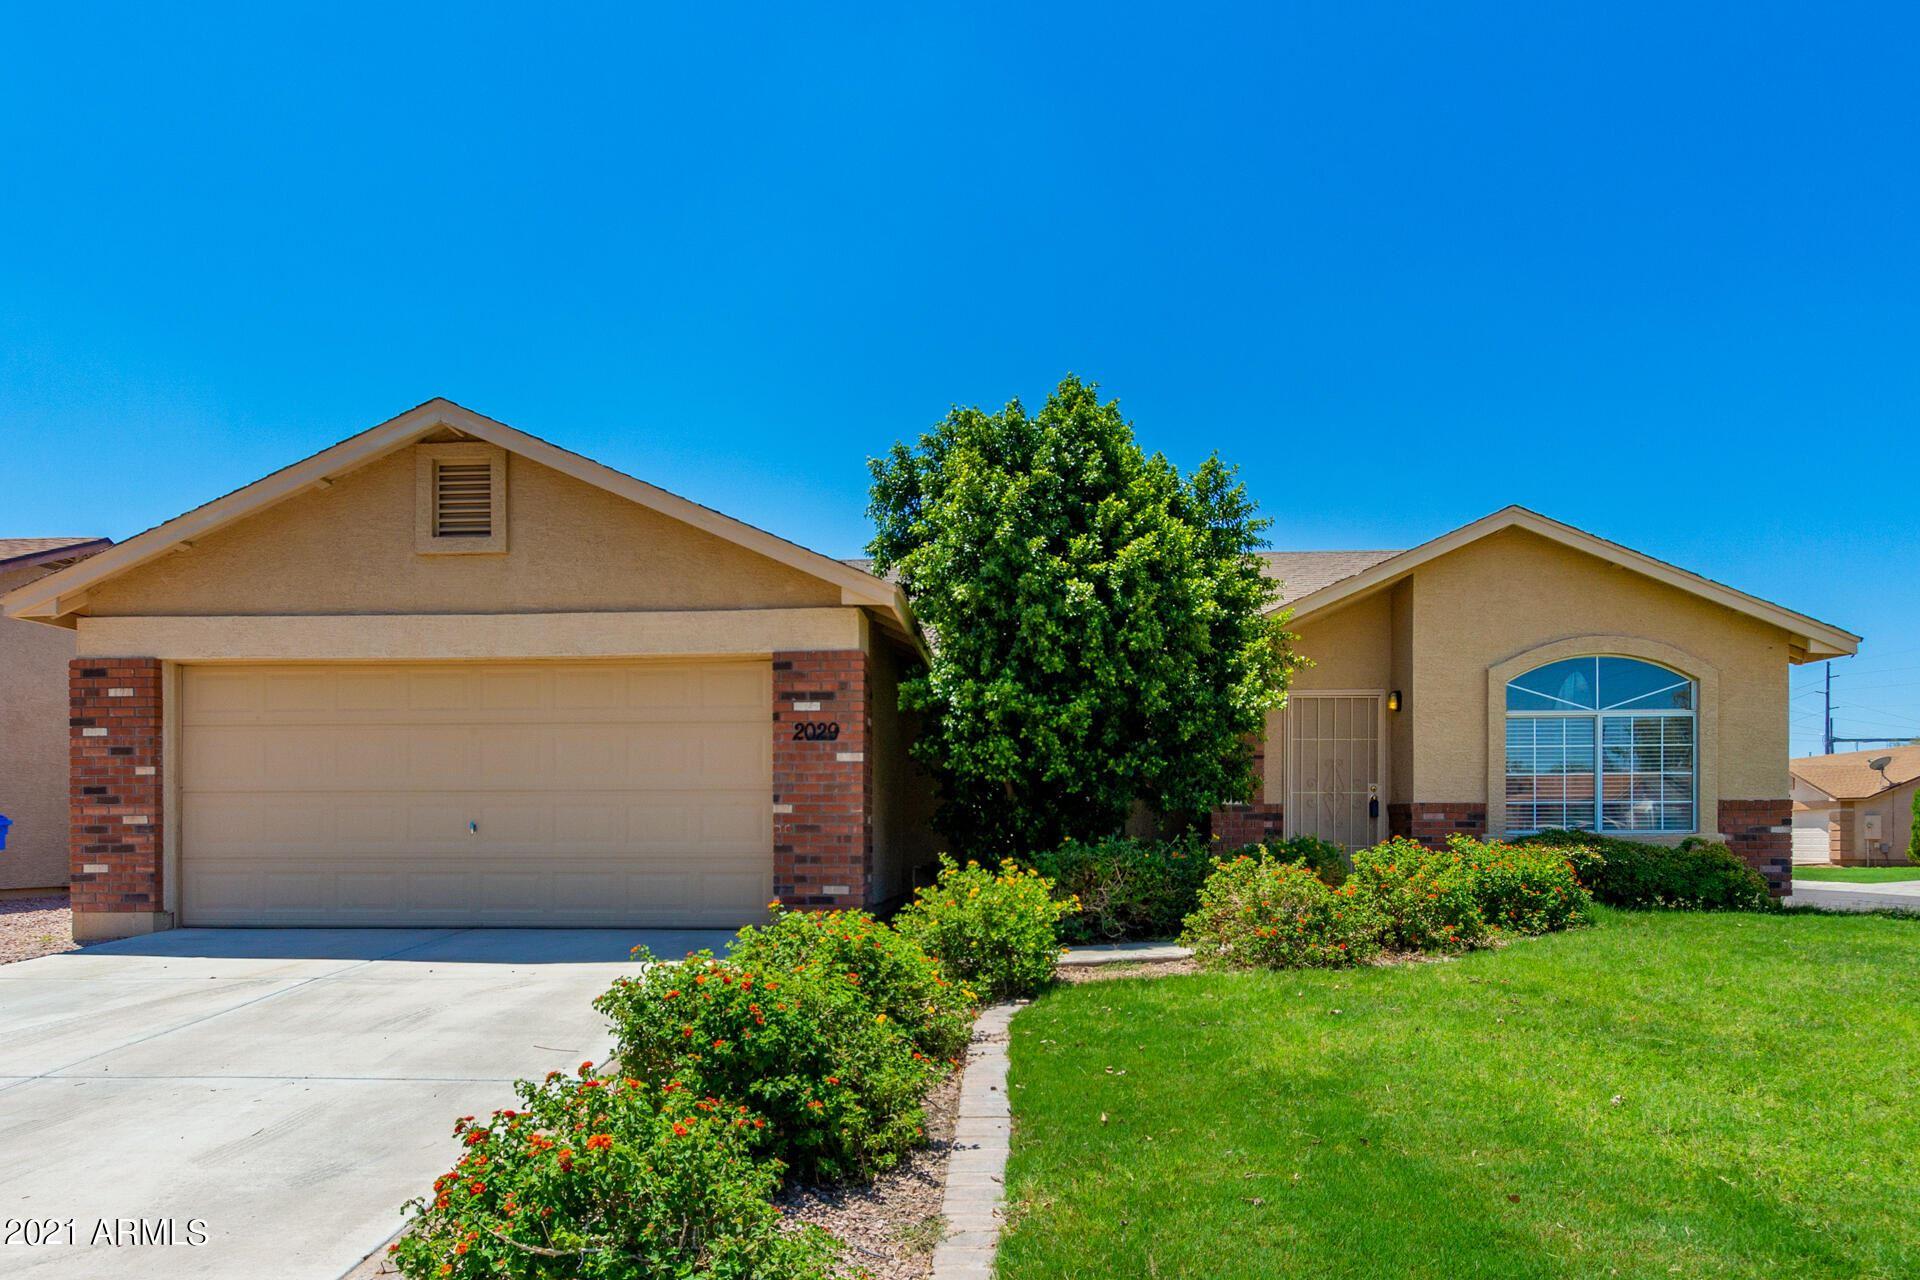 Photo of 2029 E NUNNELEY Court, Gilbert, AZ 85296 (MLS # 6269072)